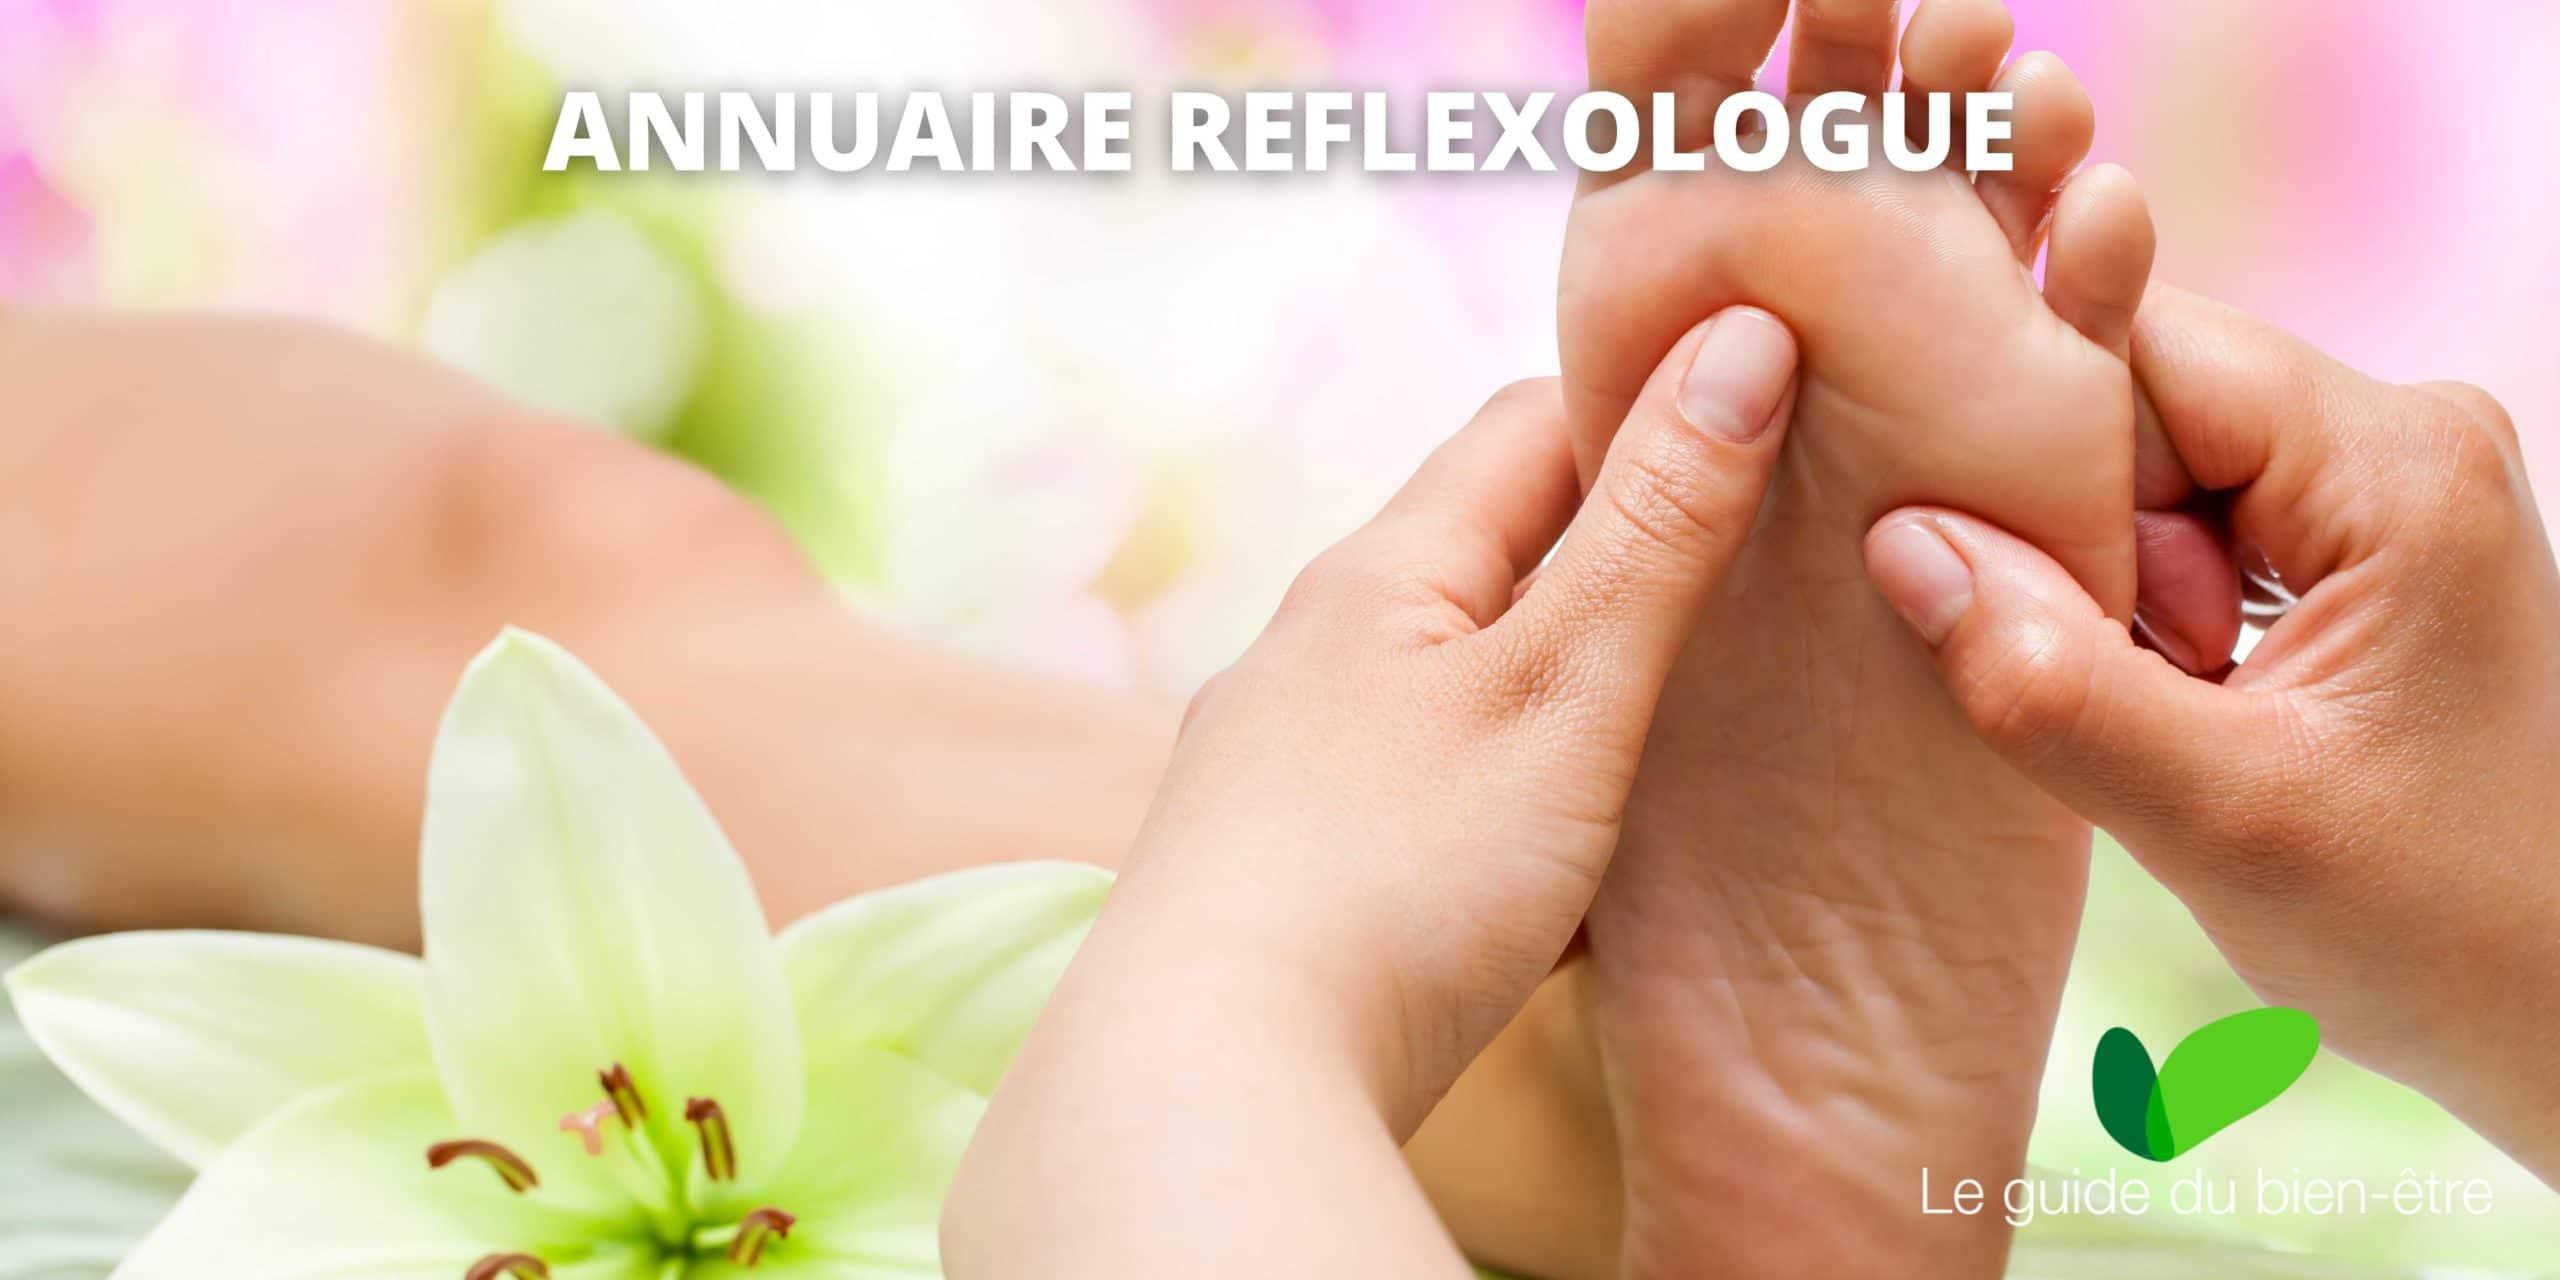 Annuaire réflexologue, trouver des praticiens en réflexologie proches de chez vous